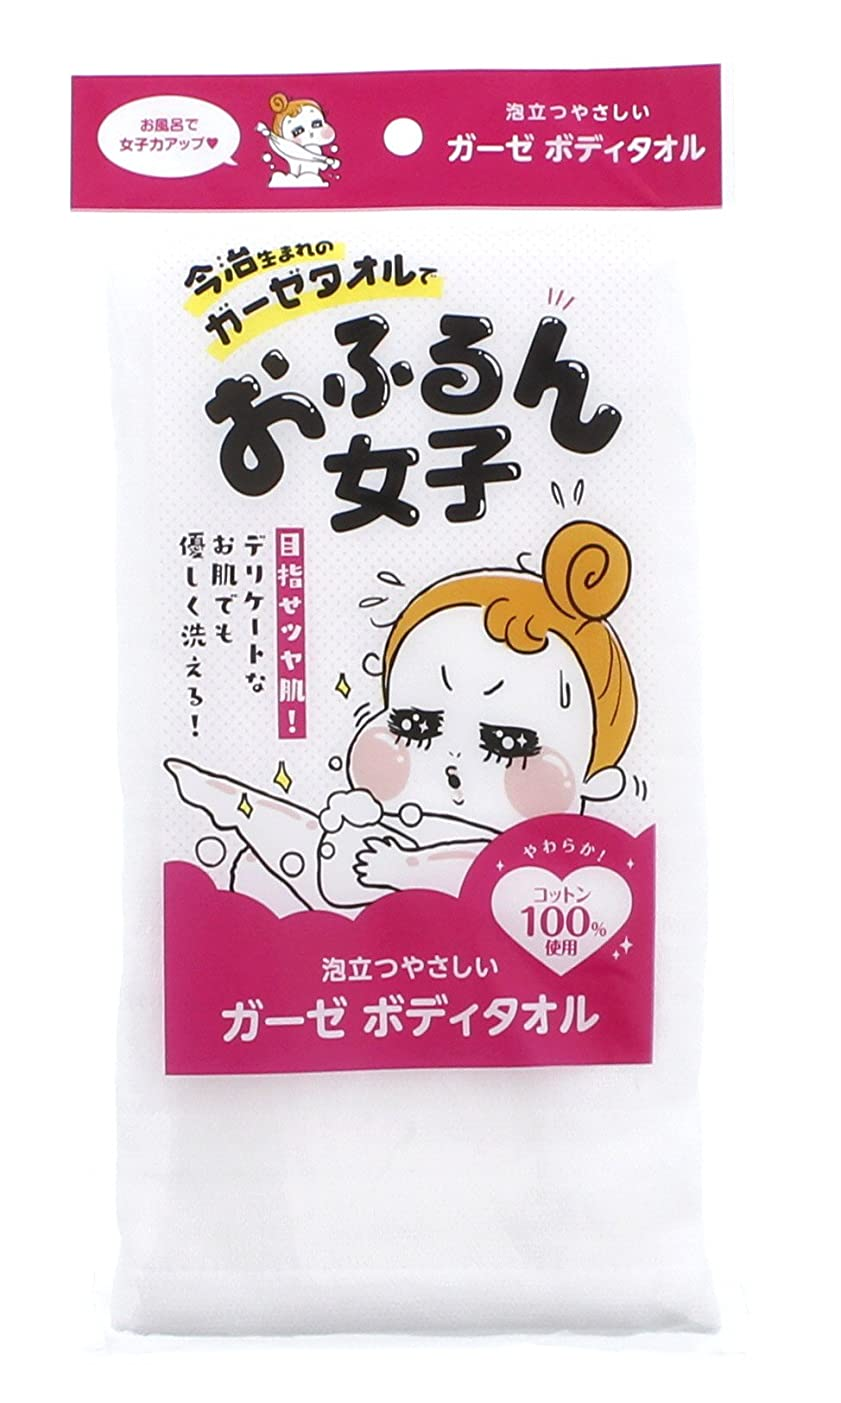 失礼欲しいです登録横田タオル ボディタオル ホワイト 約34×90㎝ おふるん女子 優しい泡立ち ガーゼ